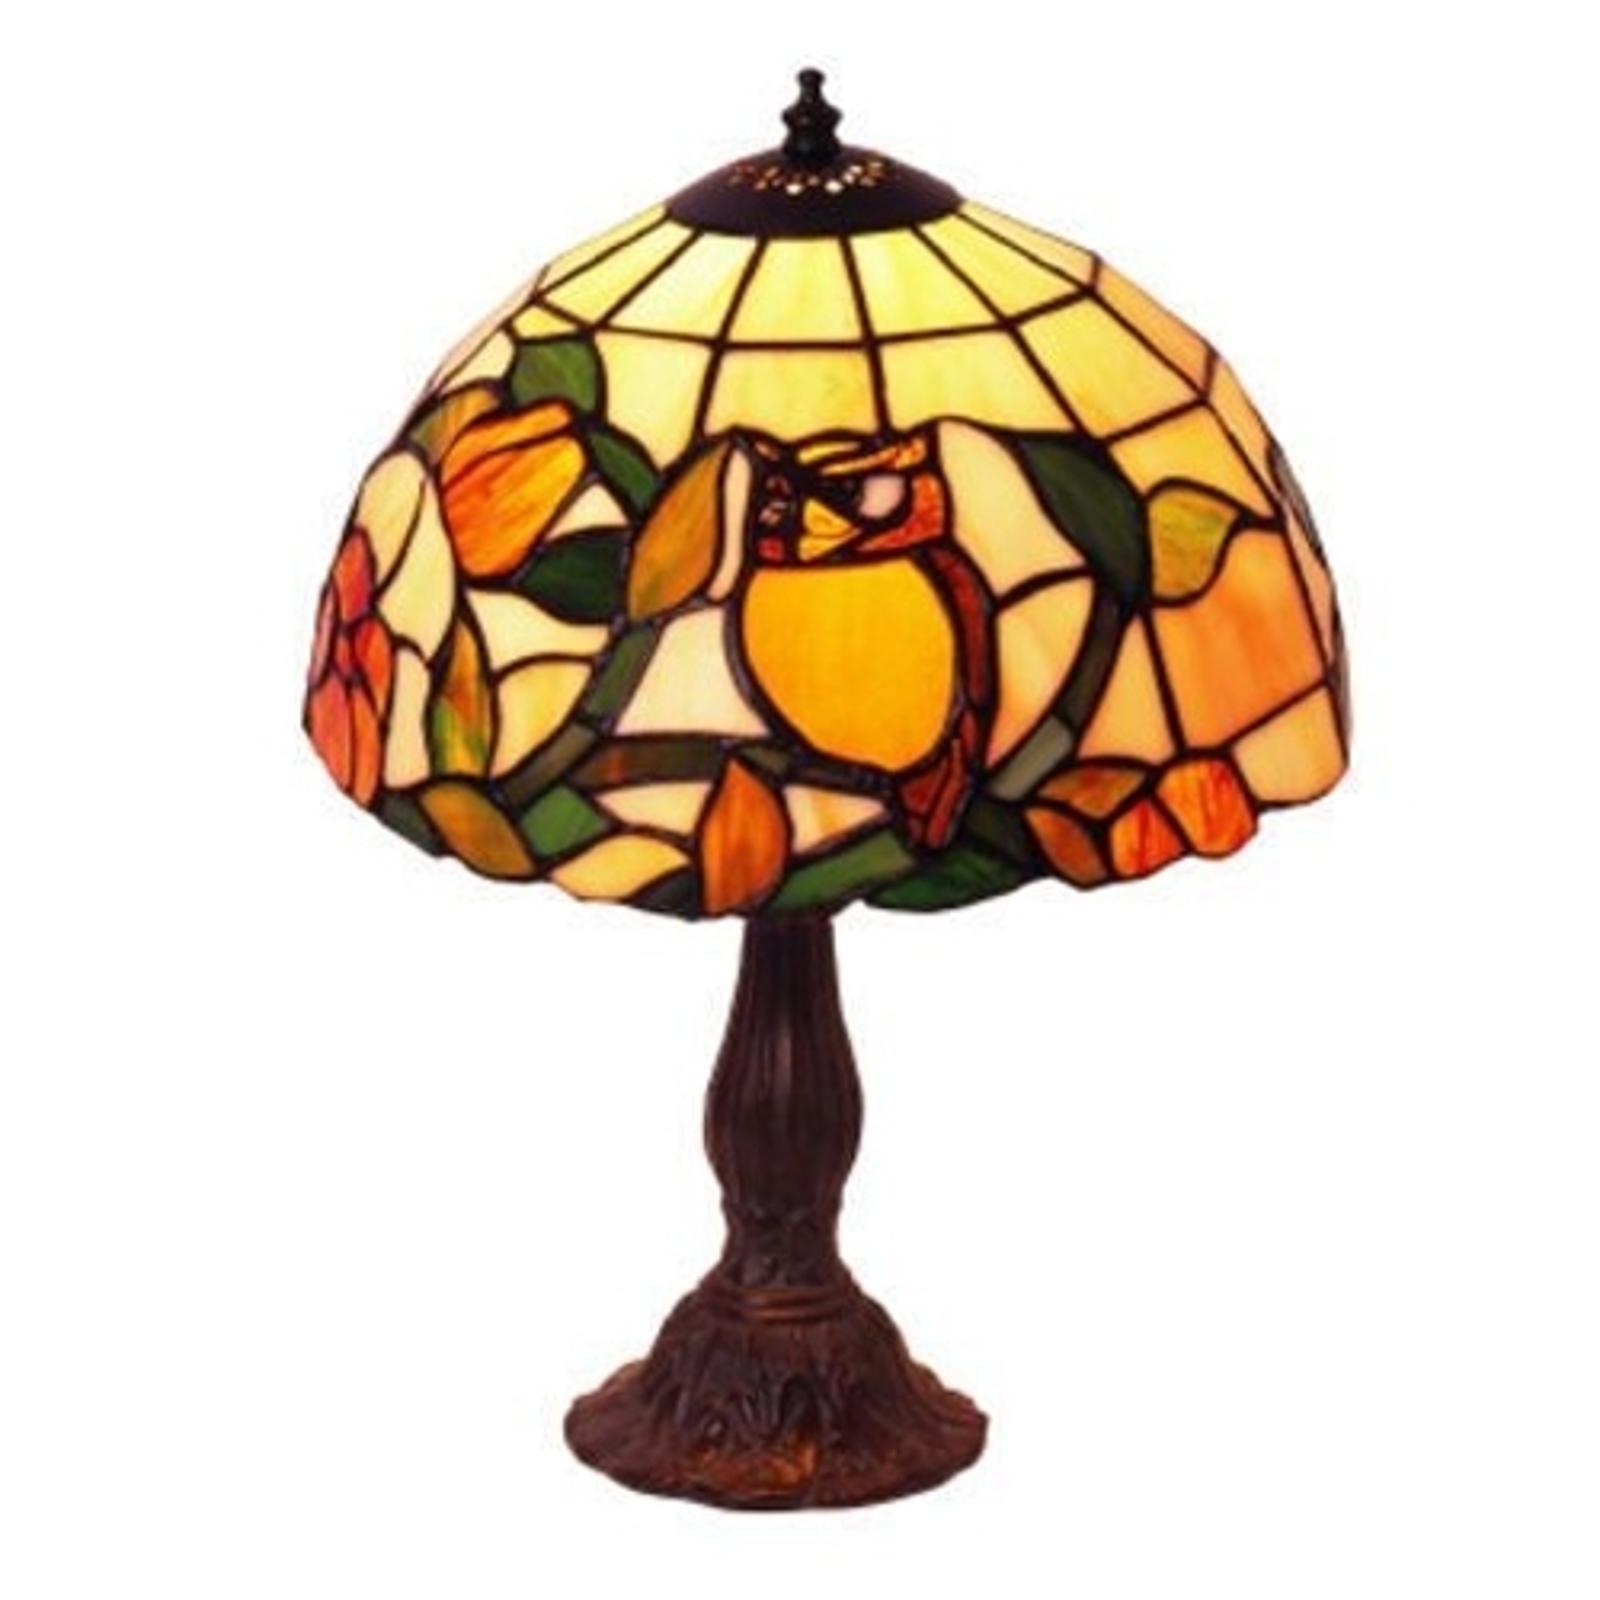 JULIANA bordlampe med motiv i Tiffany-stil